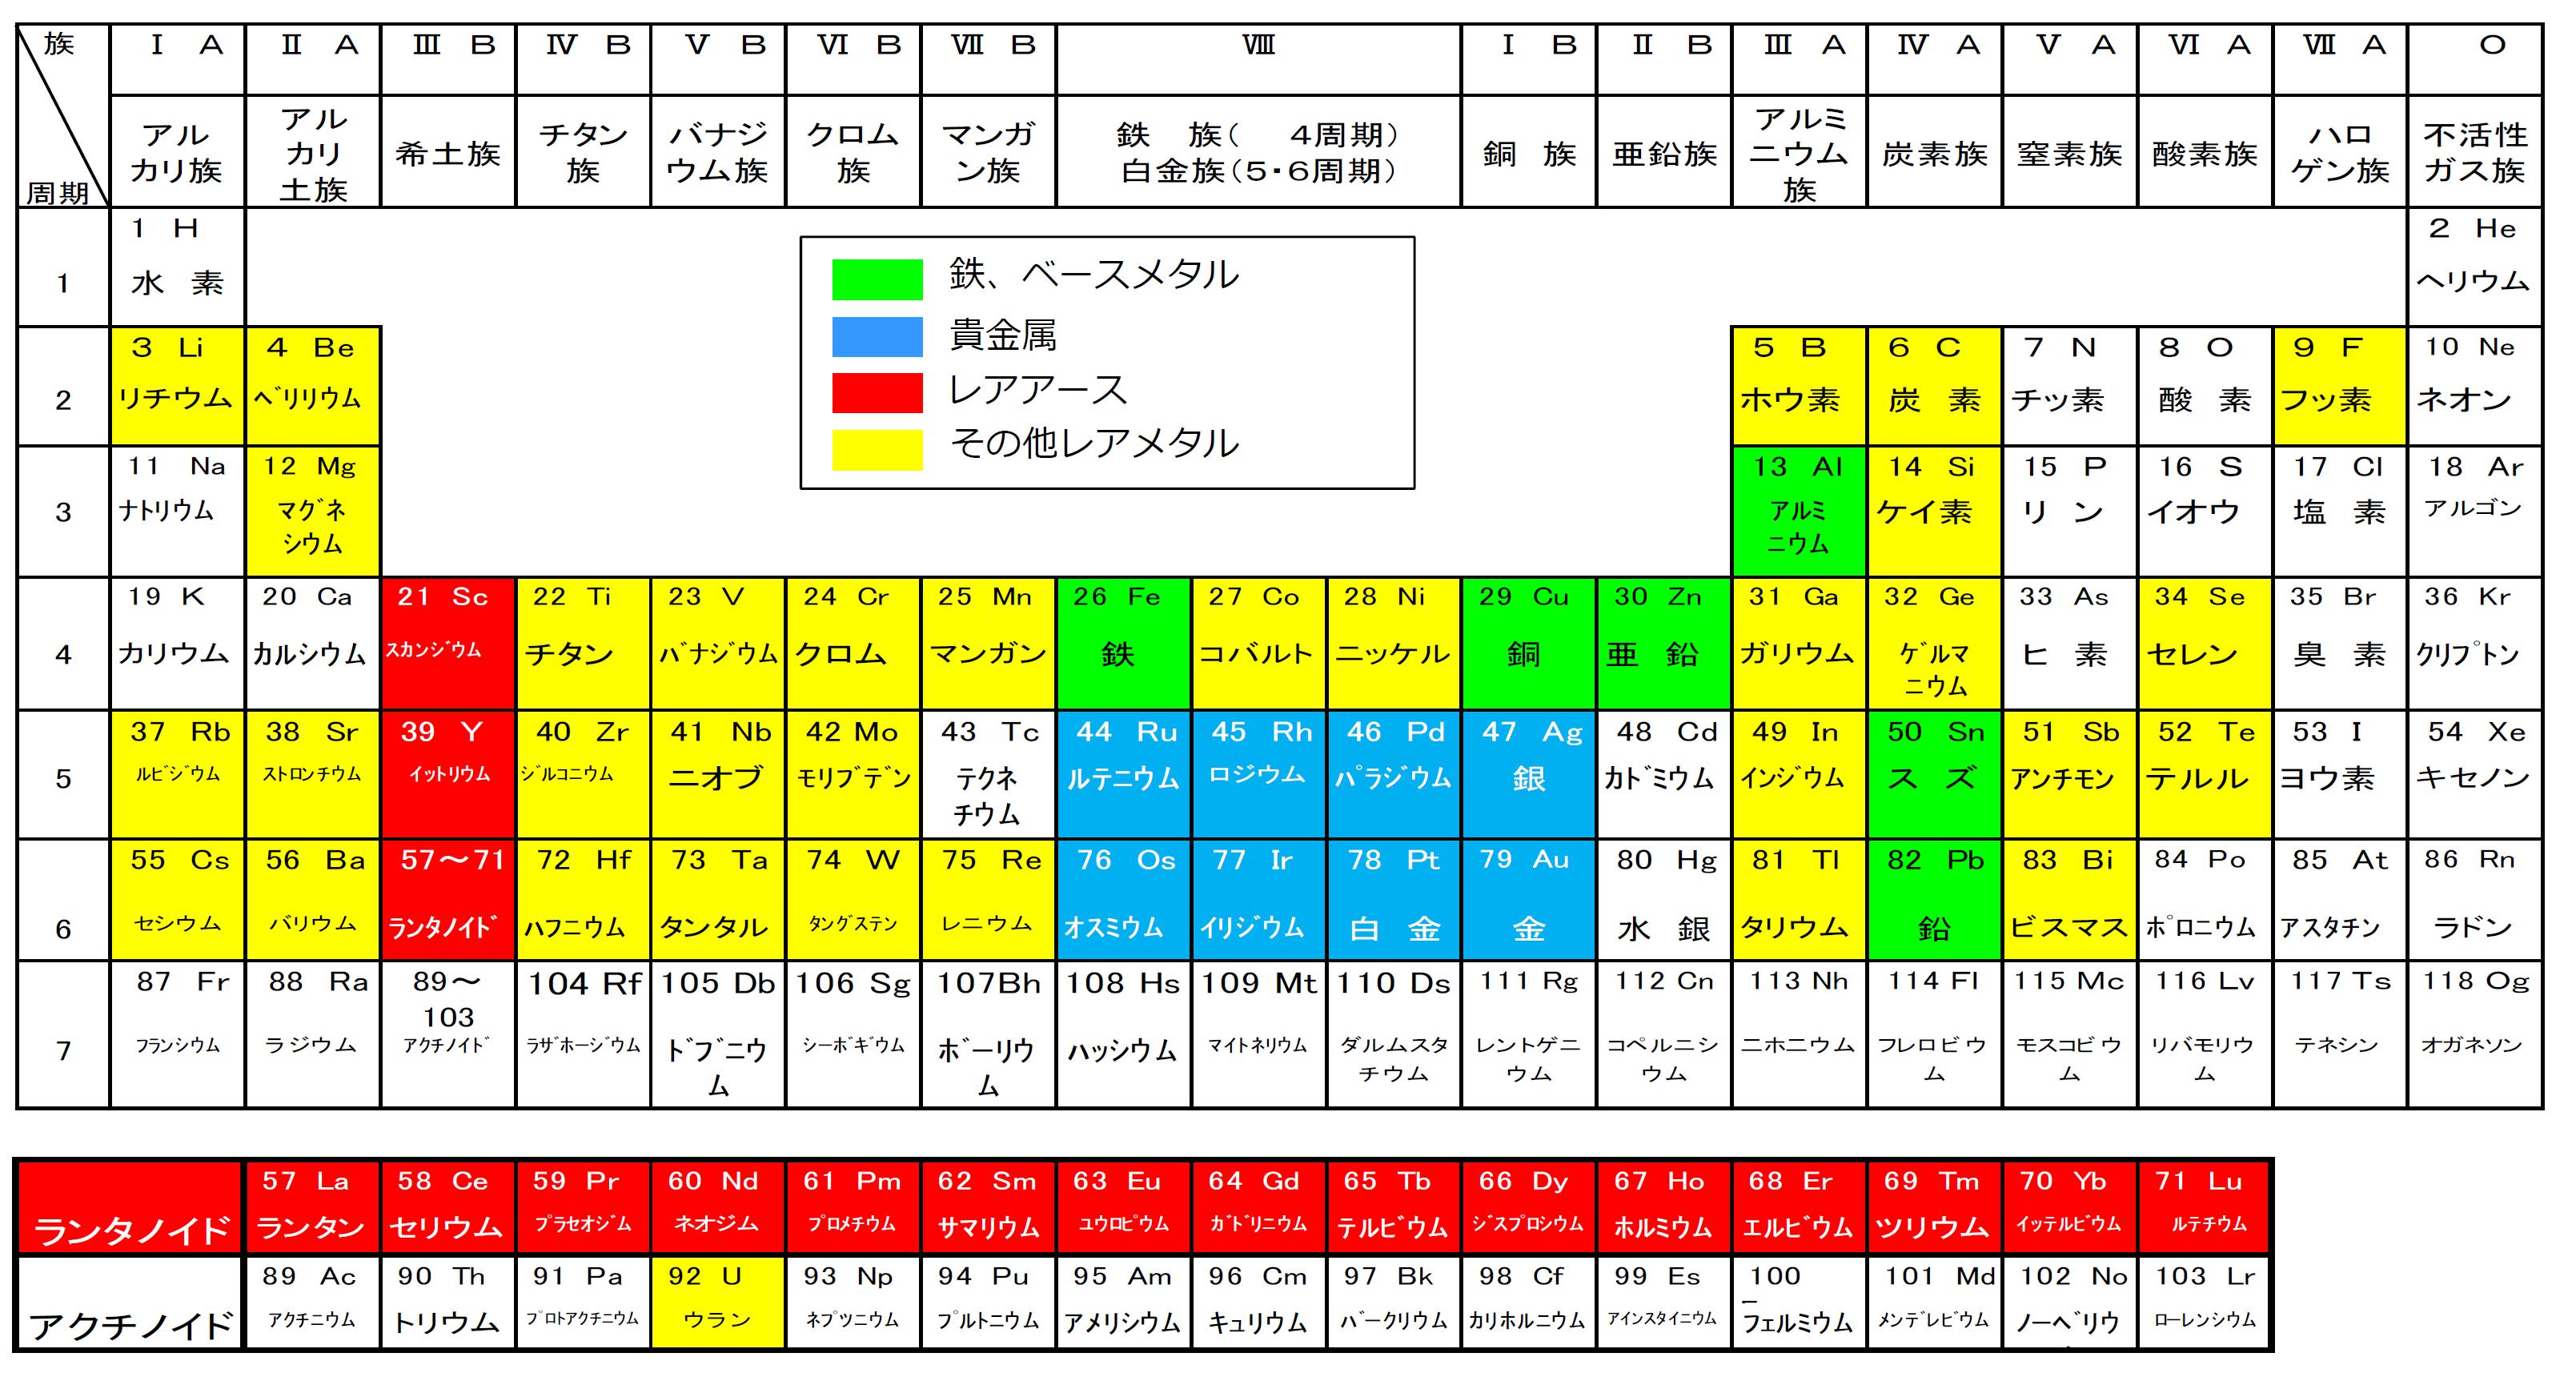 鉄・ベースメタル、貴金属、レアアース、レアメタルを含む元素記号の一覧表です